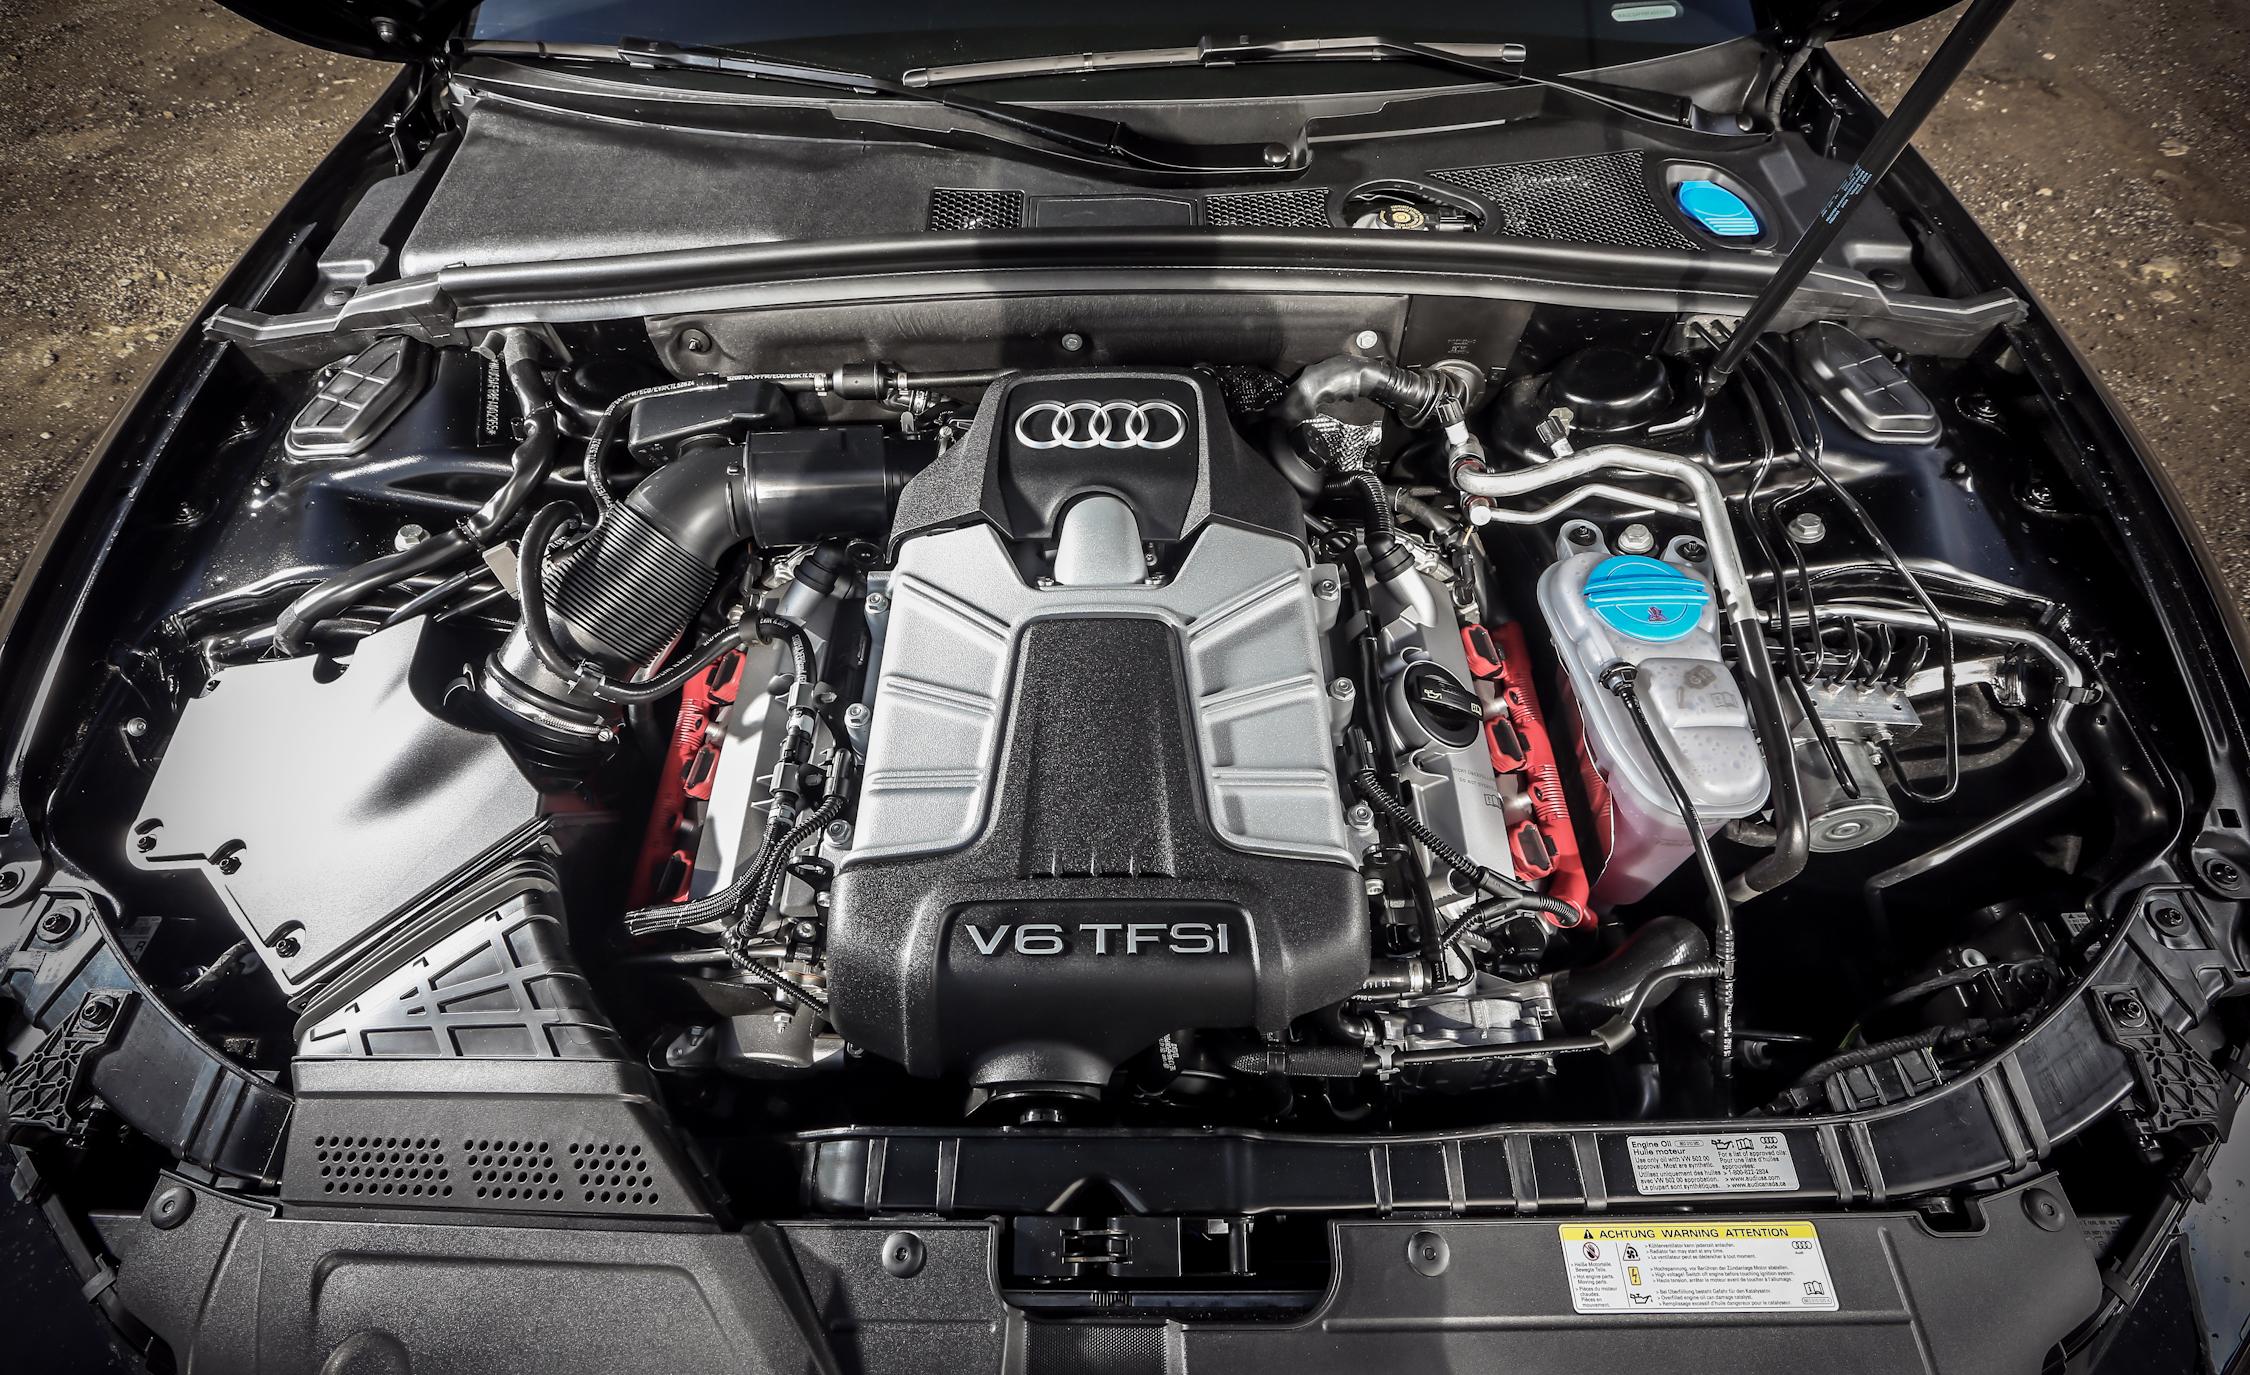 2015 Audi S5 Supercharged 3.0-Liter V-6 Engine